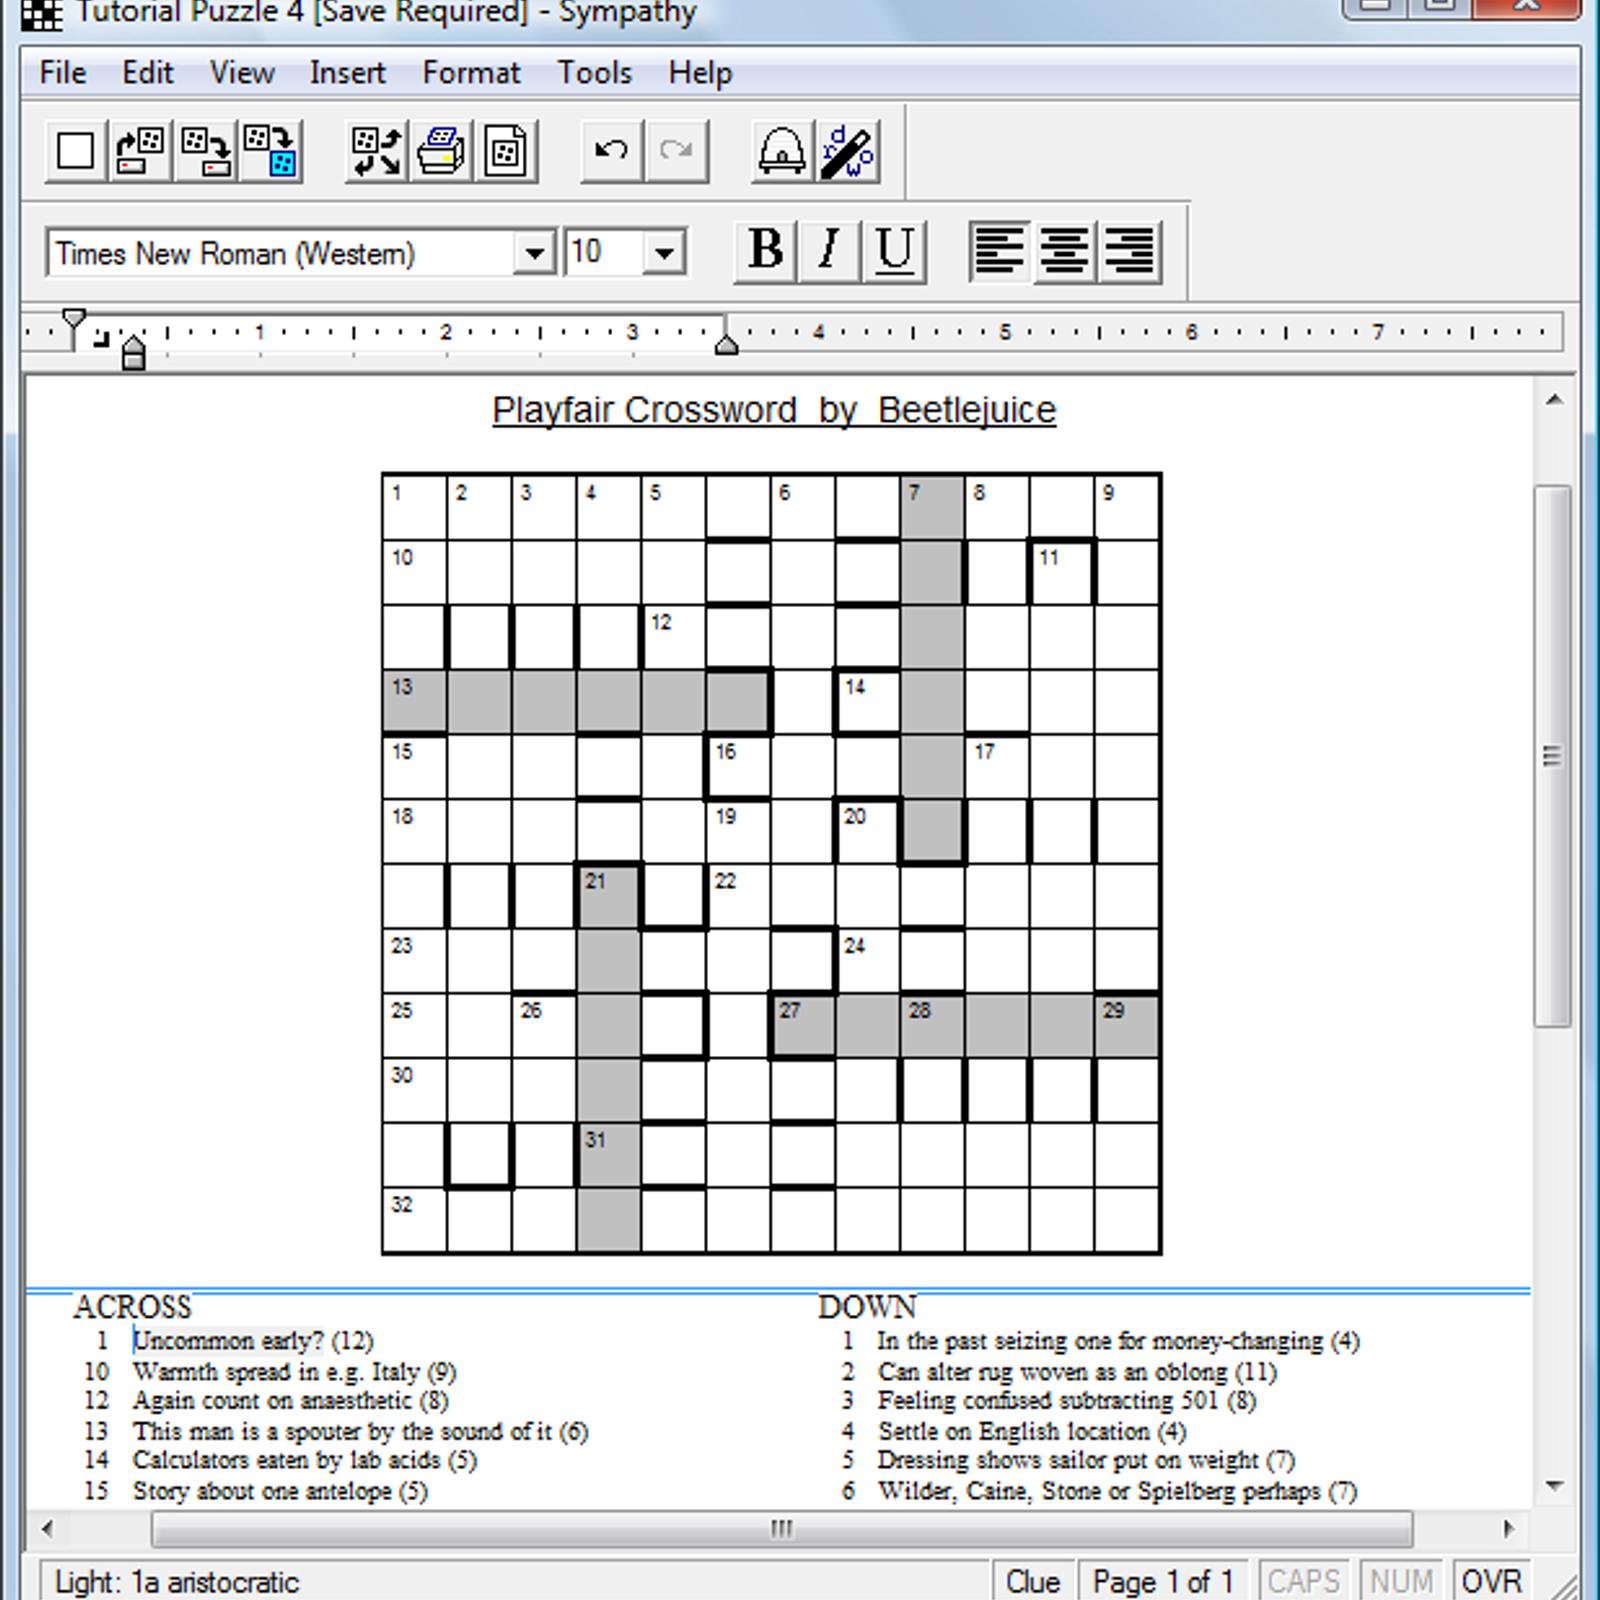 Sympathy Crossword Construction